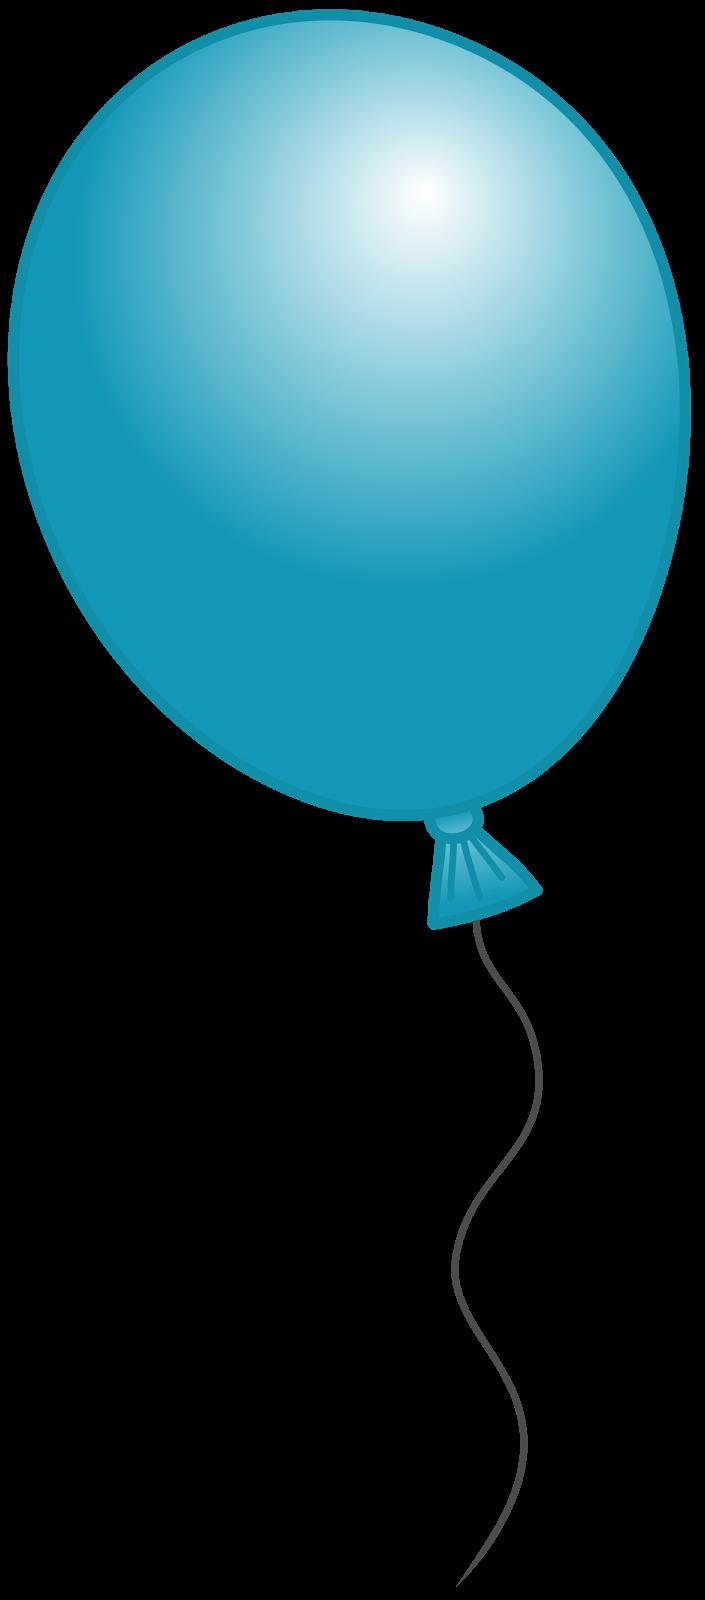 Clip art balloons - Balloon 20clipart